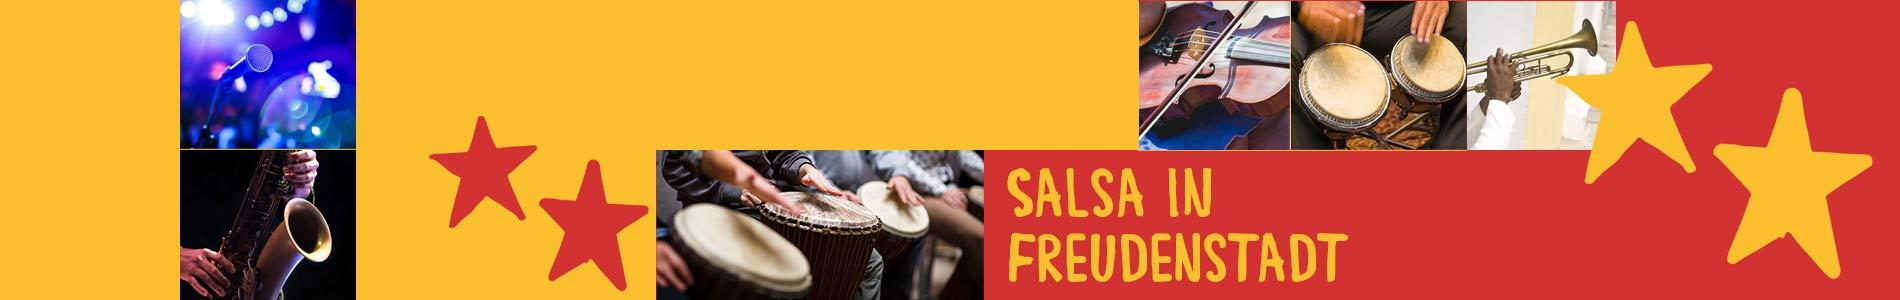 Salsa in Freudenstadt – Salsa lernen und tanzen, Tanzkurse, Partys, Veranstaltungen